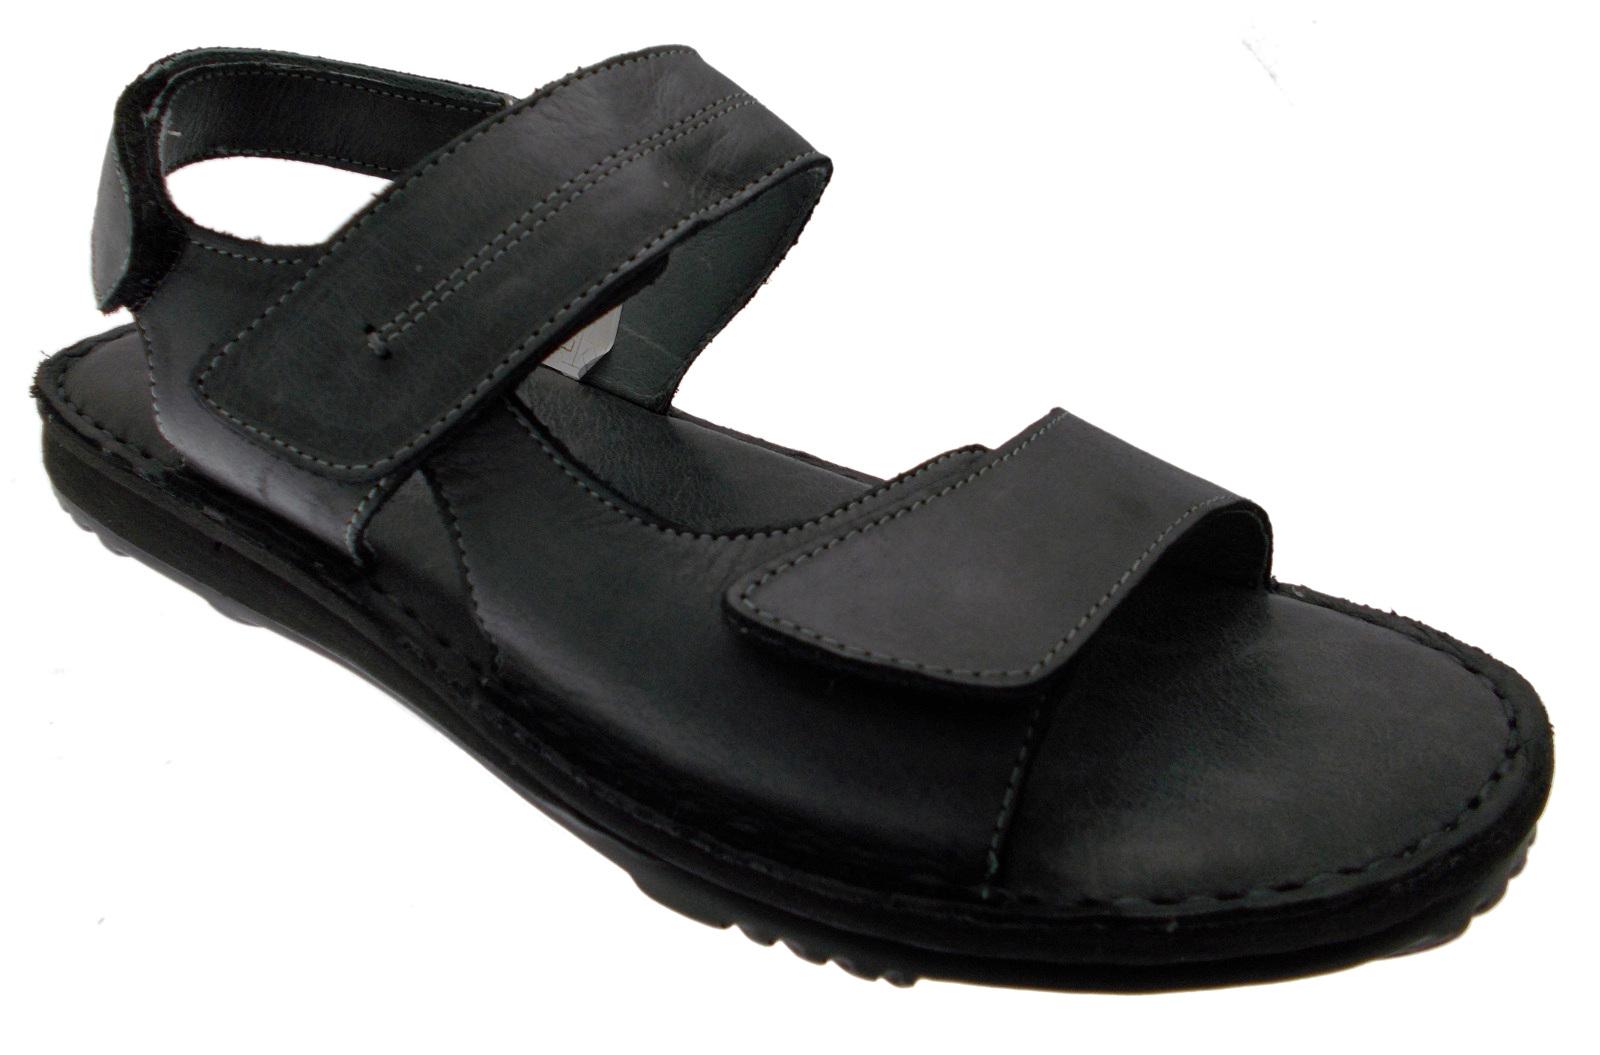 50254 sandalo  nero grigio plantare memoria regolabile Uomodo di Riposella  ottima selezione e consegna rapida